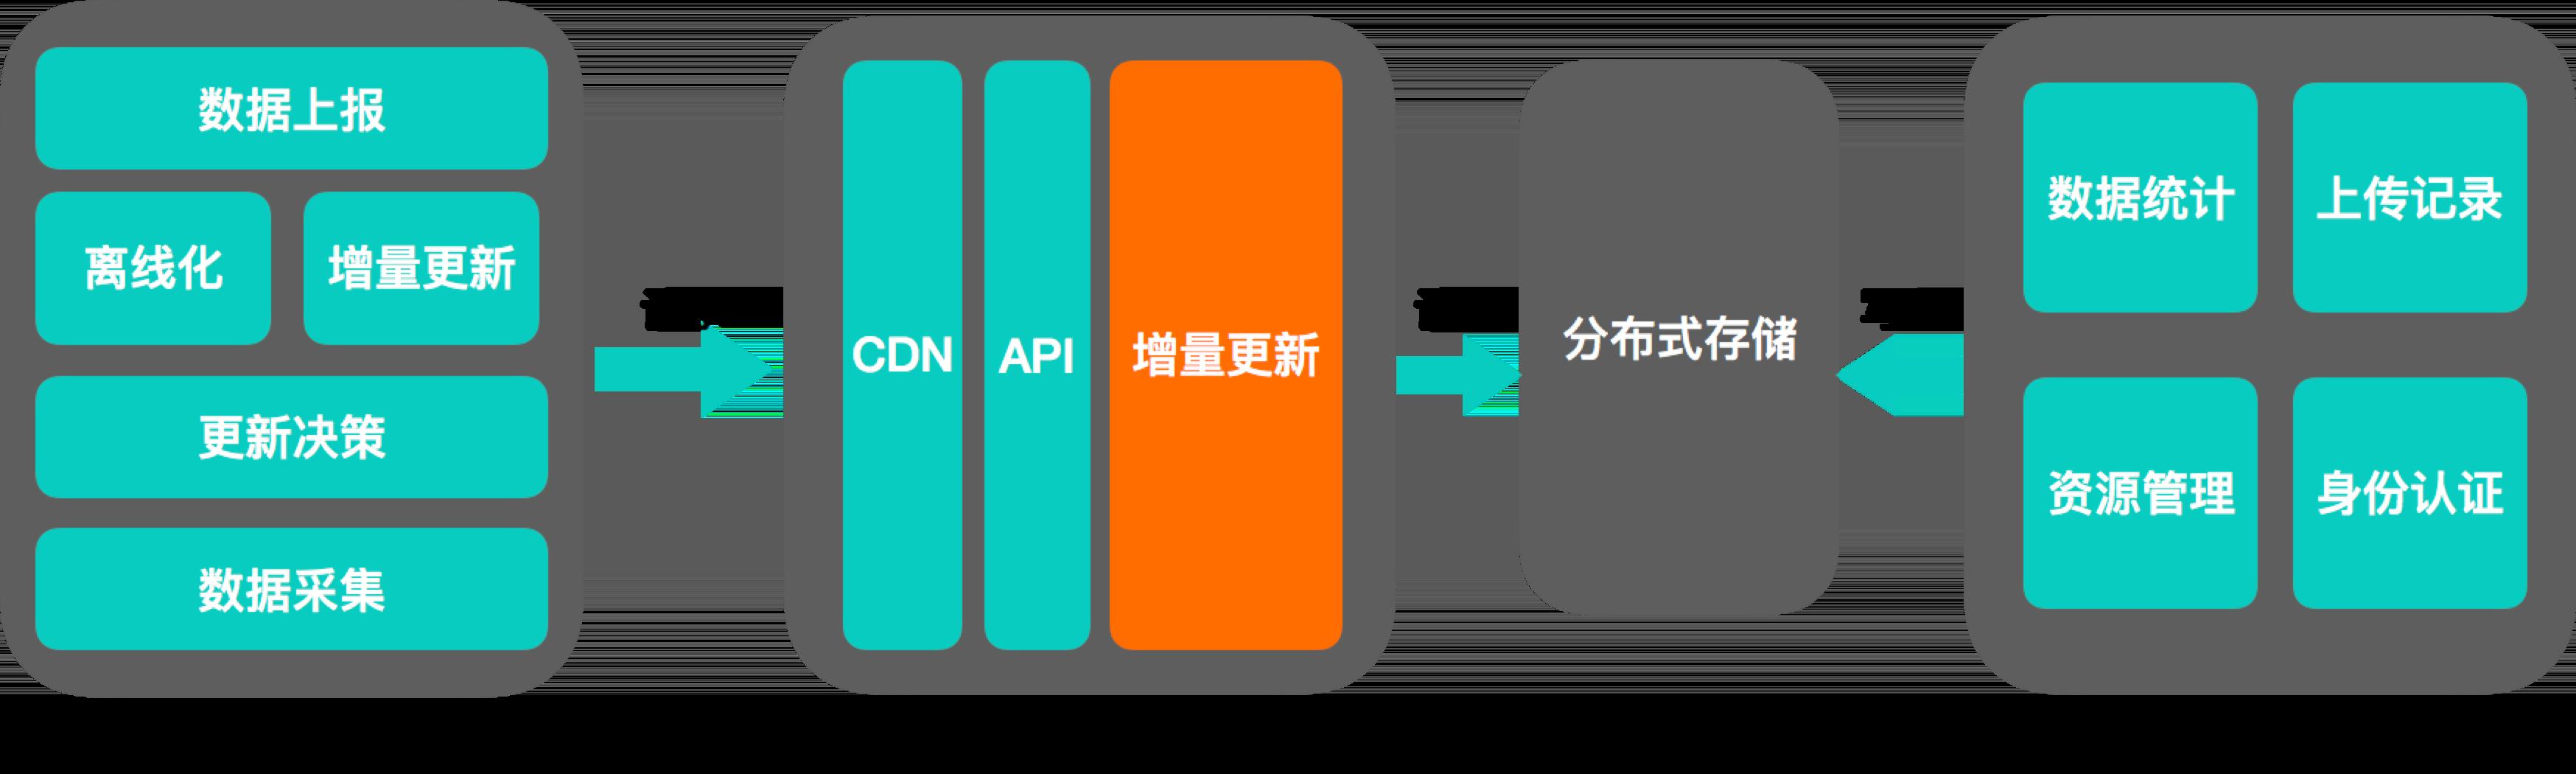 增量服务架构设计